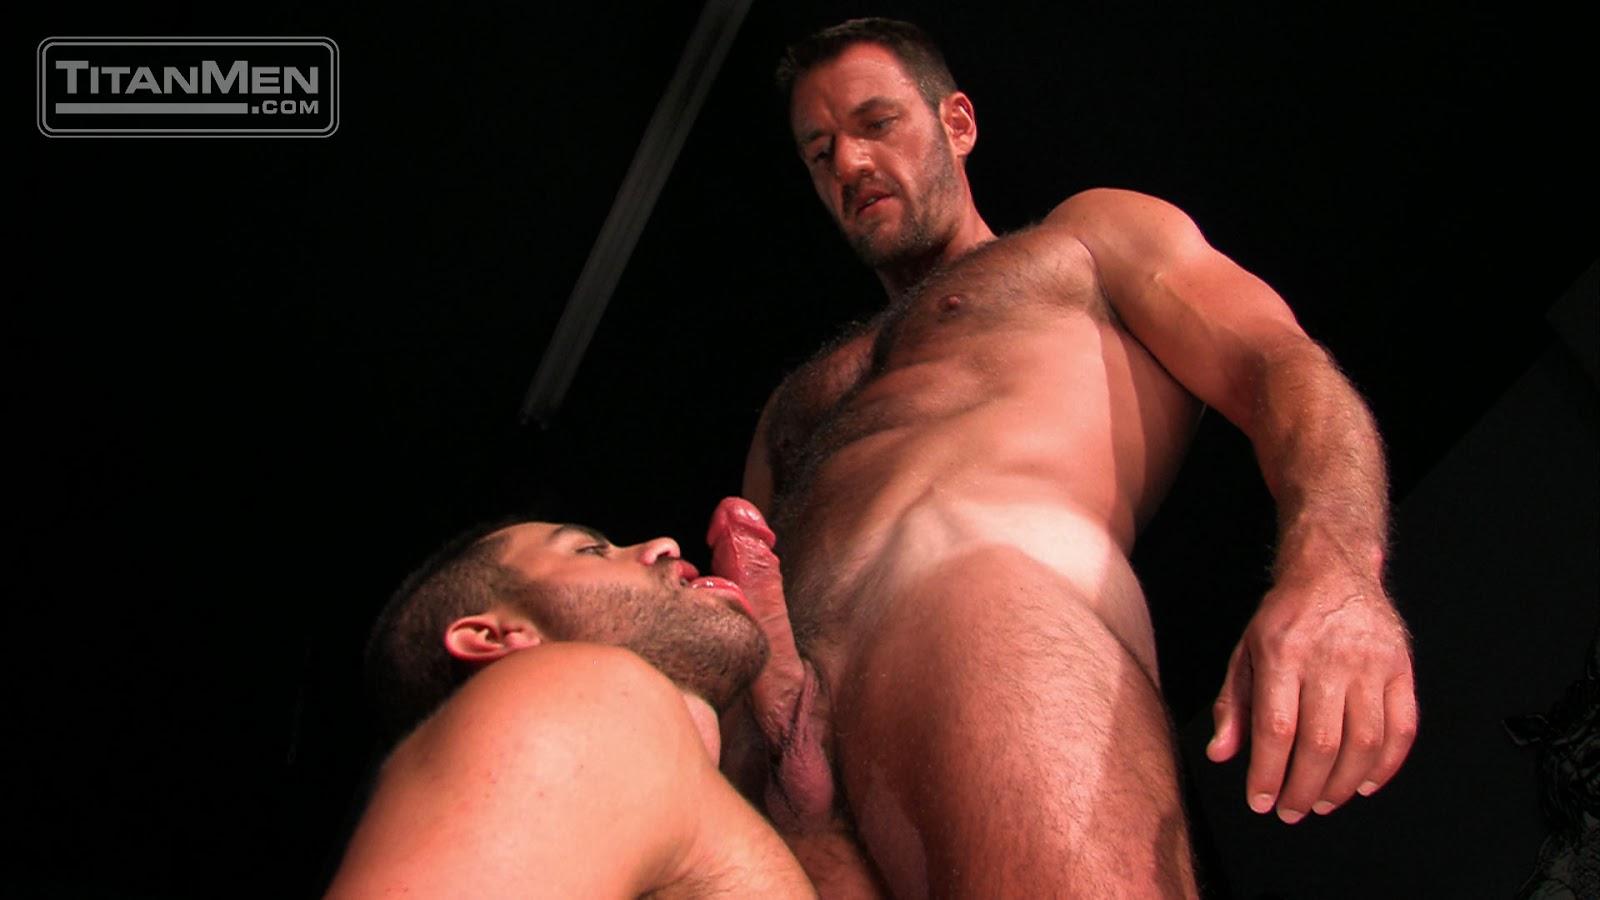 gay hidden web cam